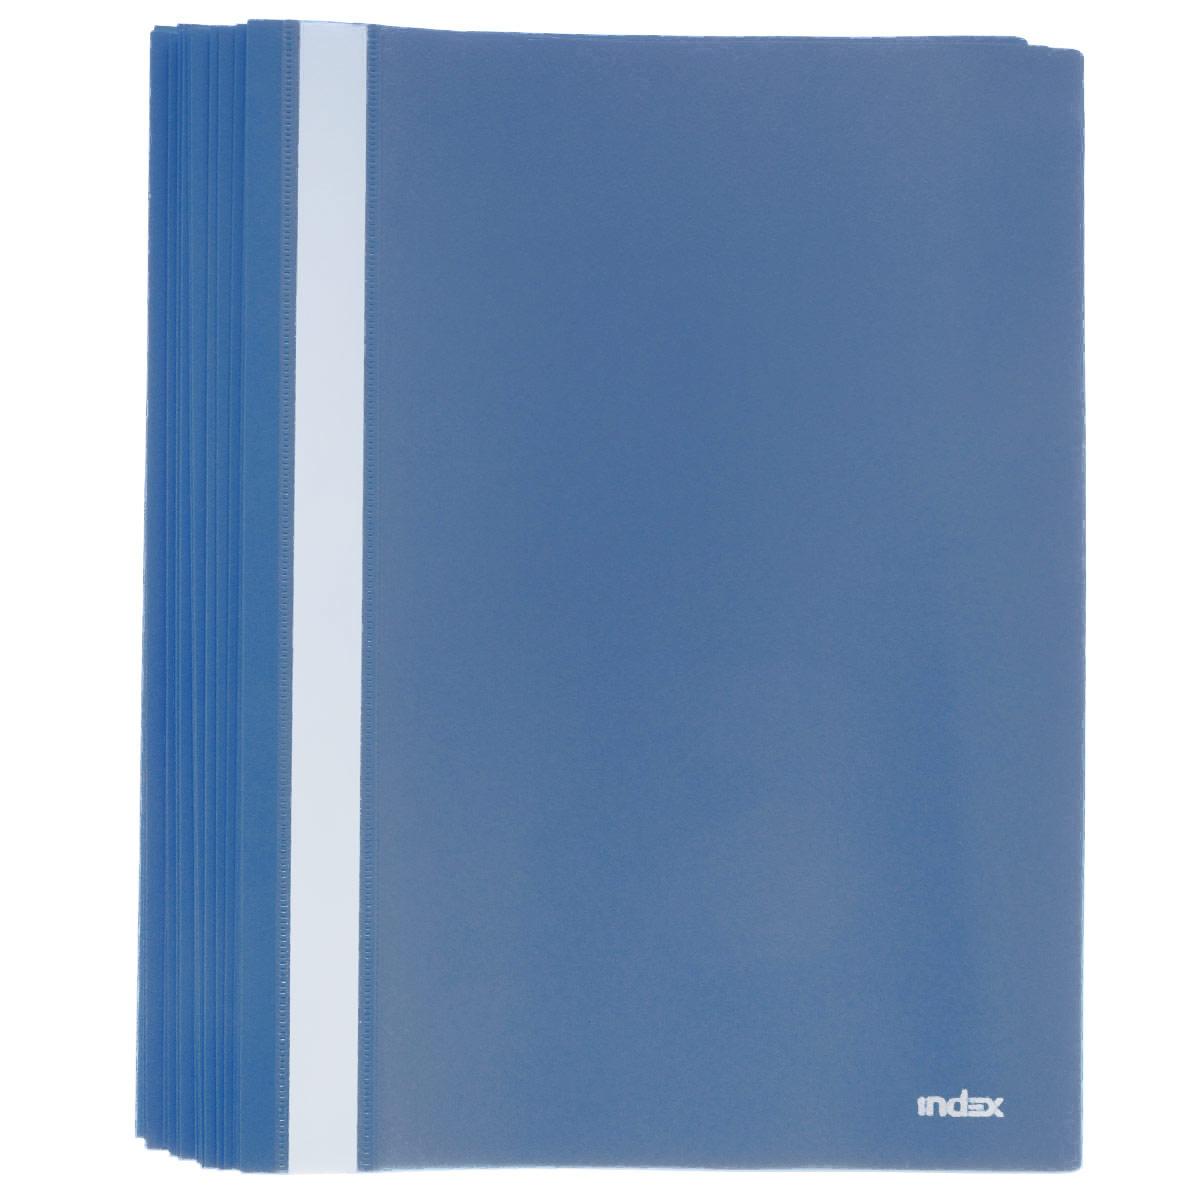 Папка-скоросшиватель Index, цвет: темно-синий. Формат А4, 20 штFS-36052Папка-скоросшиватель Index, изготовленная из высококачественного полипропилена, это удобный и практичный офисный инструмент, предназначенный для хранения и транспортировки рабочих бумаг и документов формата А4. Папка оснащена верхним прозрачным матовым листом и металлическим зажимом внутри для надежного удержания бумаг. В наборе - 20 папок.Папка-скоросшиватель - это незаменимый атрибут для студента, школьника, офисного работника. Такая папка надежно сохранит ваши документы и сбережет их от повреждений, пыли и влаги.Комплектация: 20 шт.